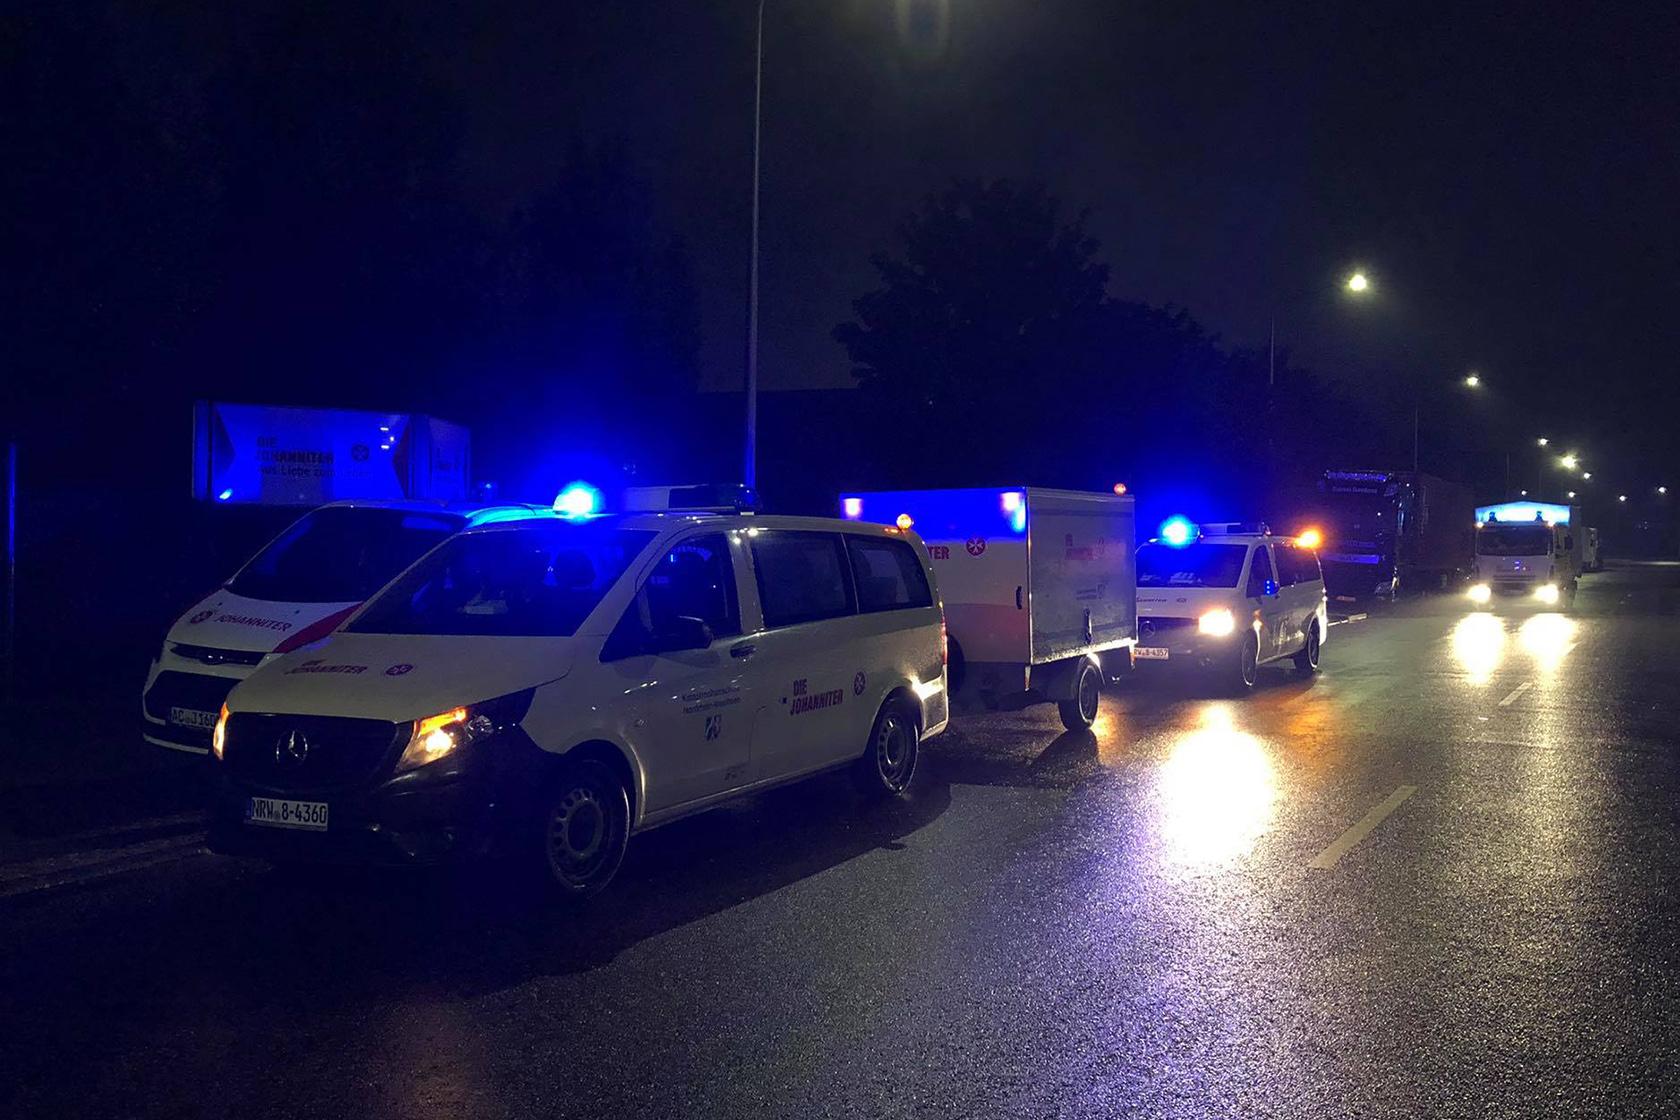 Johanniter-Fahrzeuge mit Blaulicht im Dunkeln vor dem Ausrücken